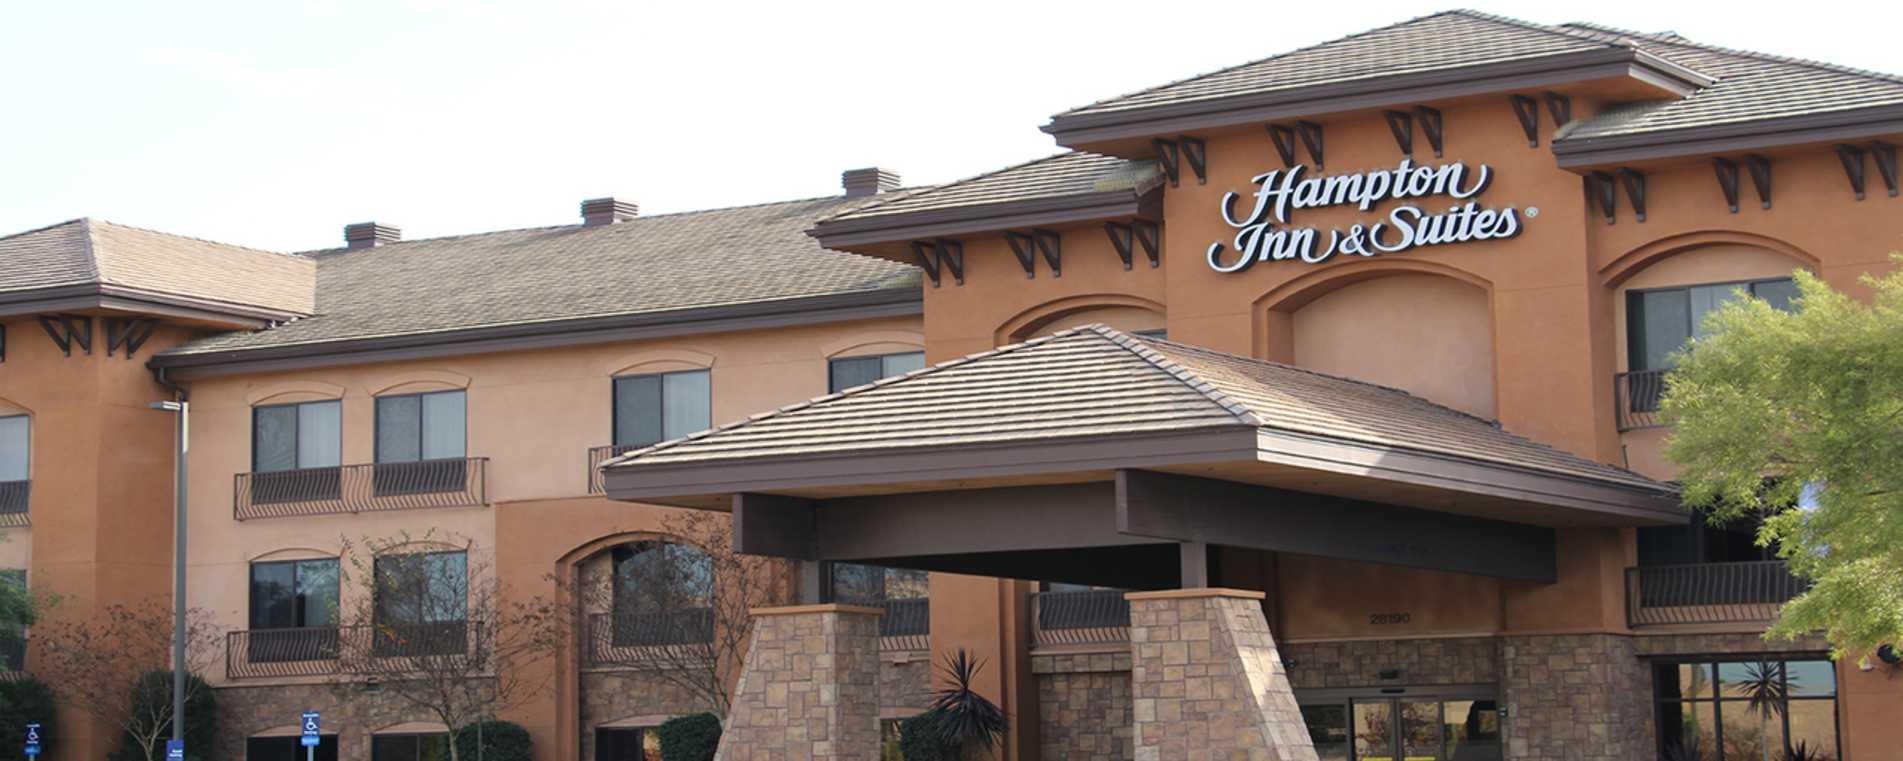 Hampton Inn and Suites - Temecula